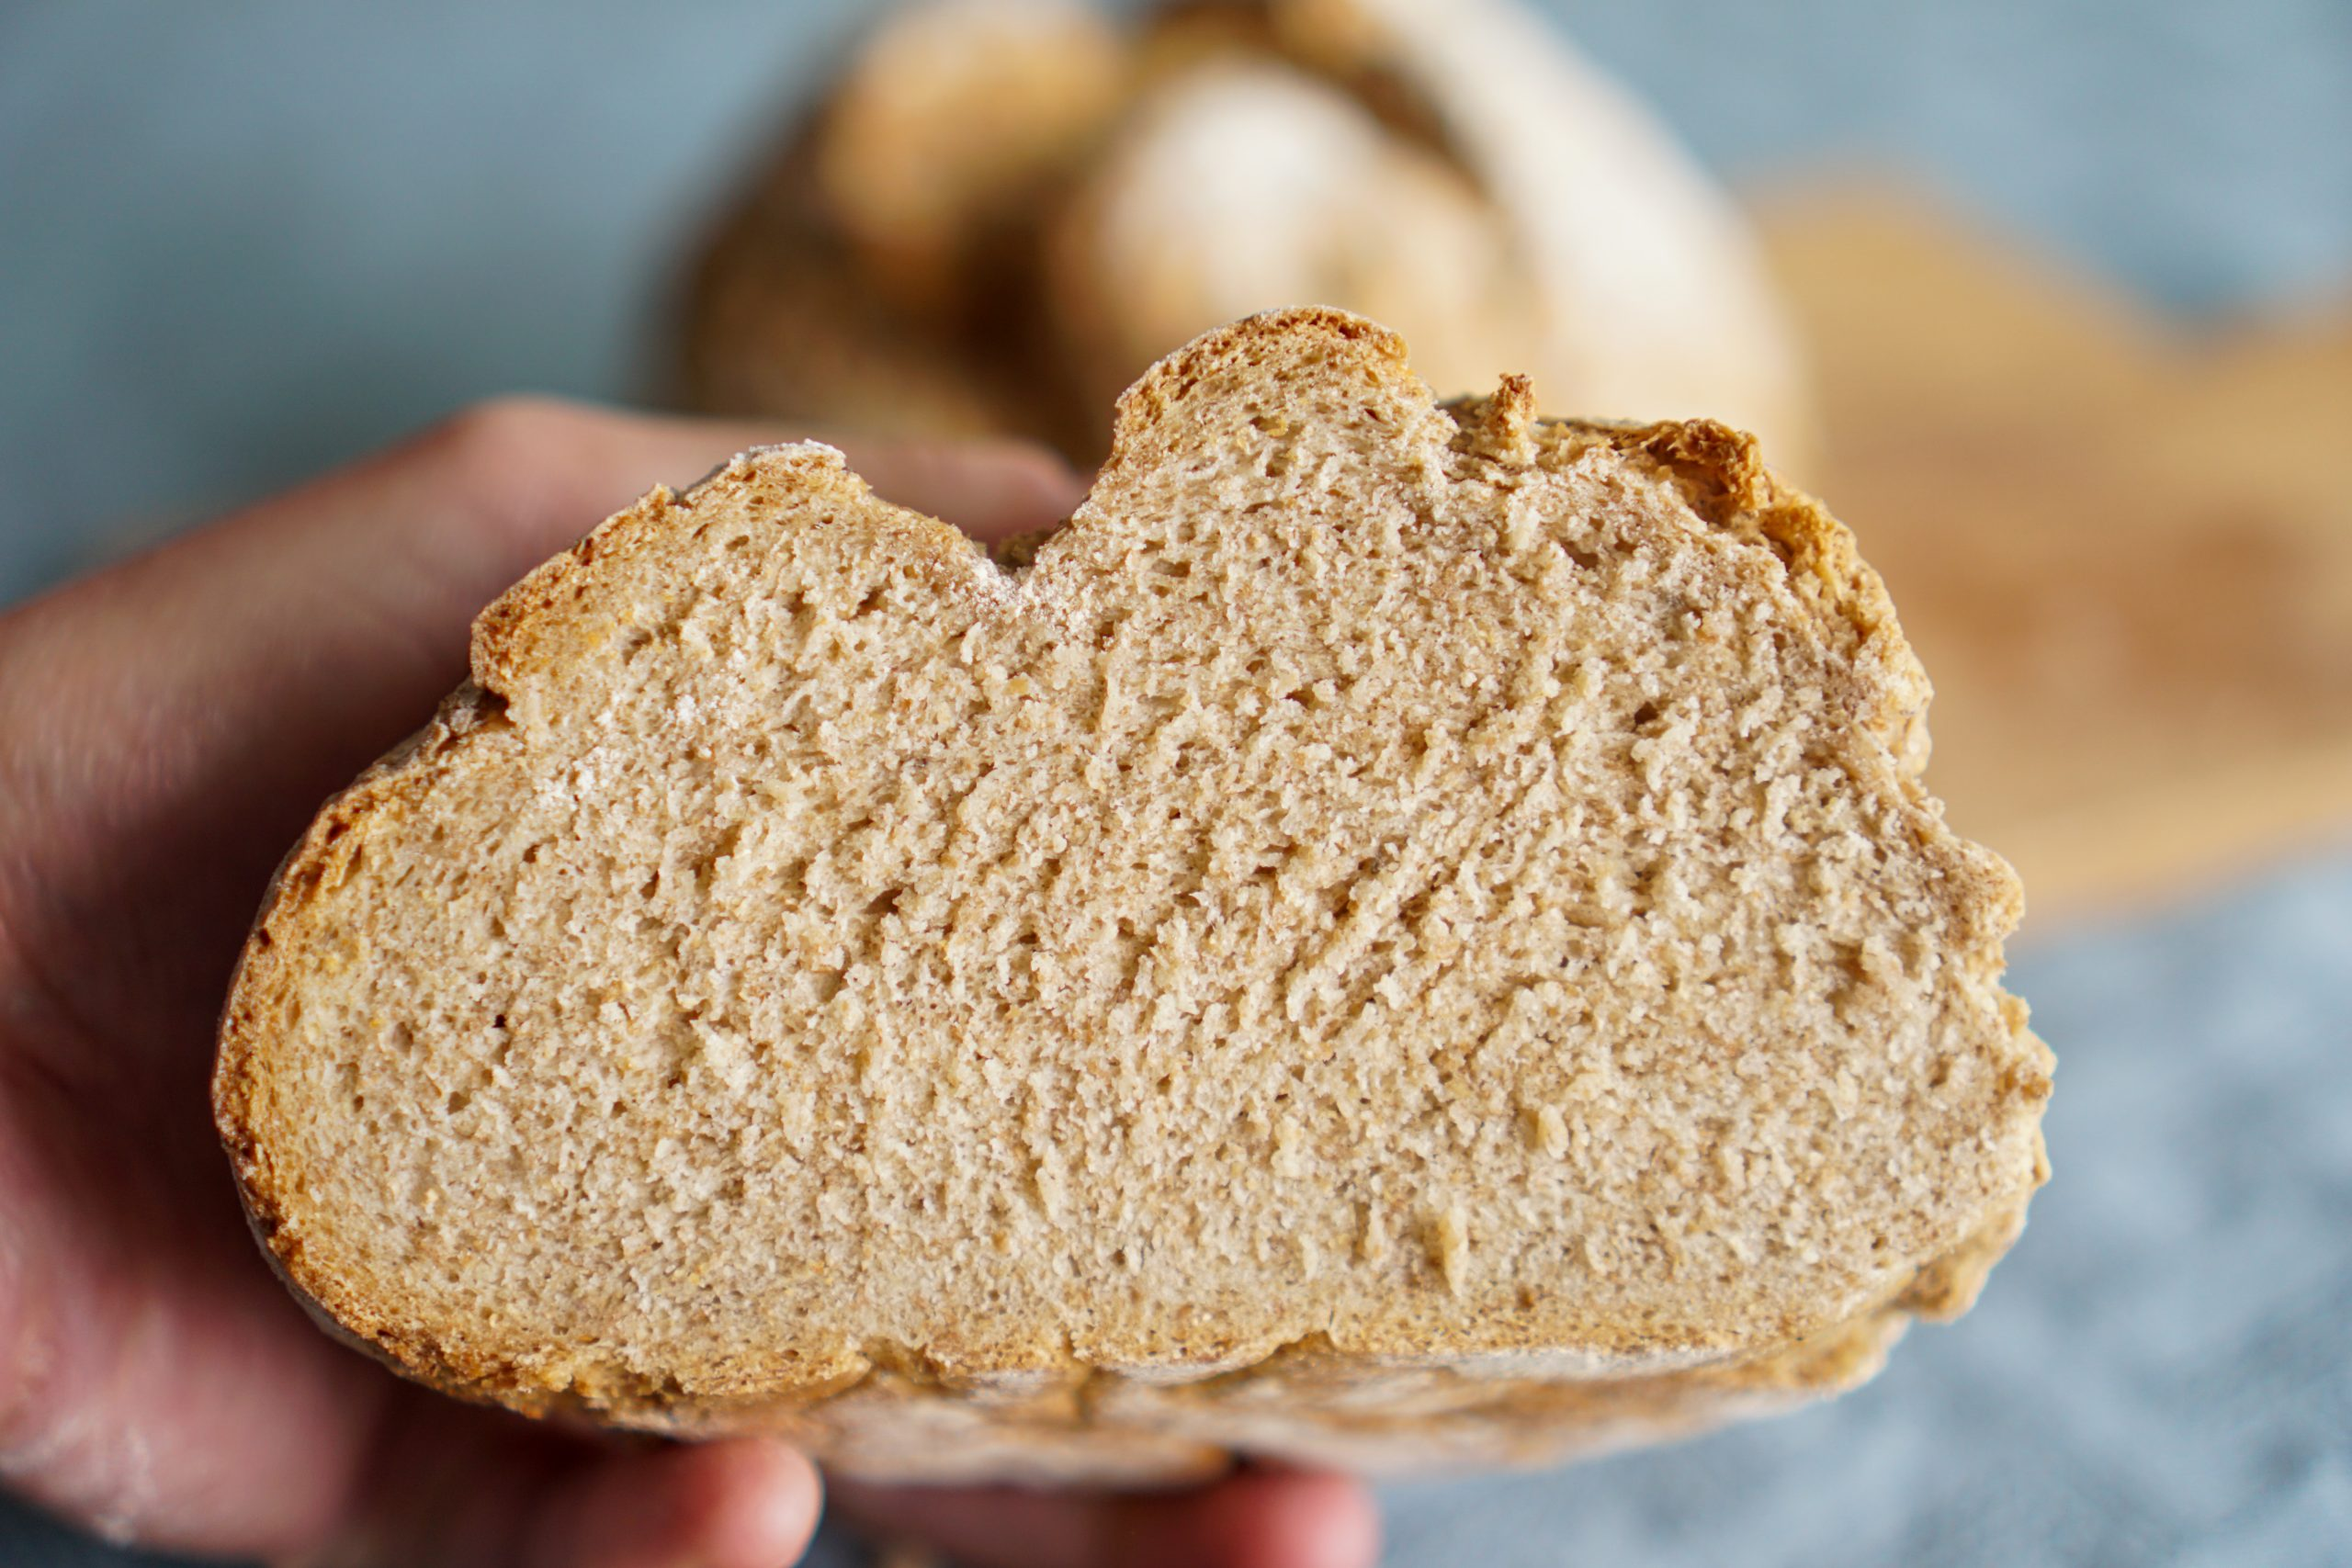 Recette du pain à la farine intégrale